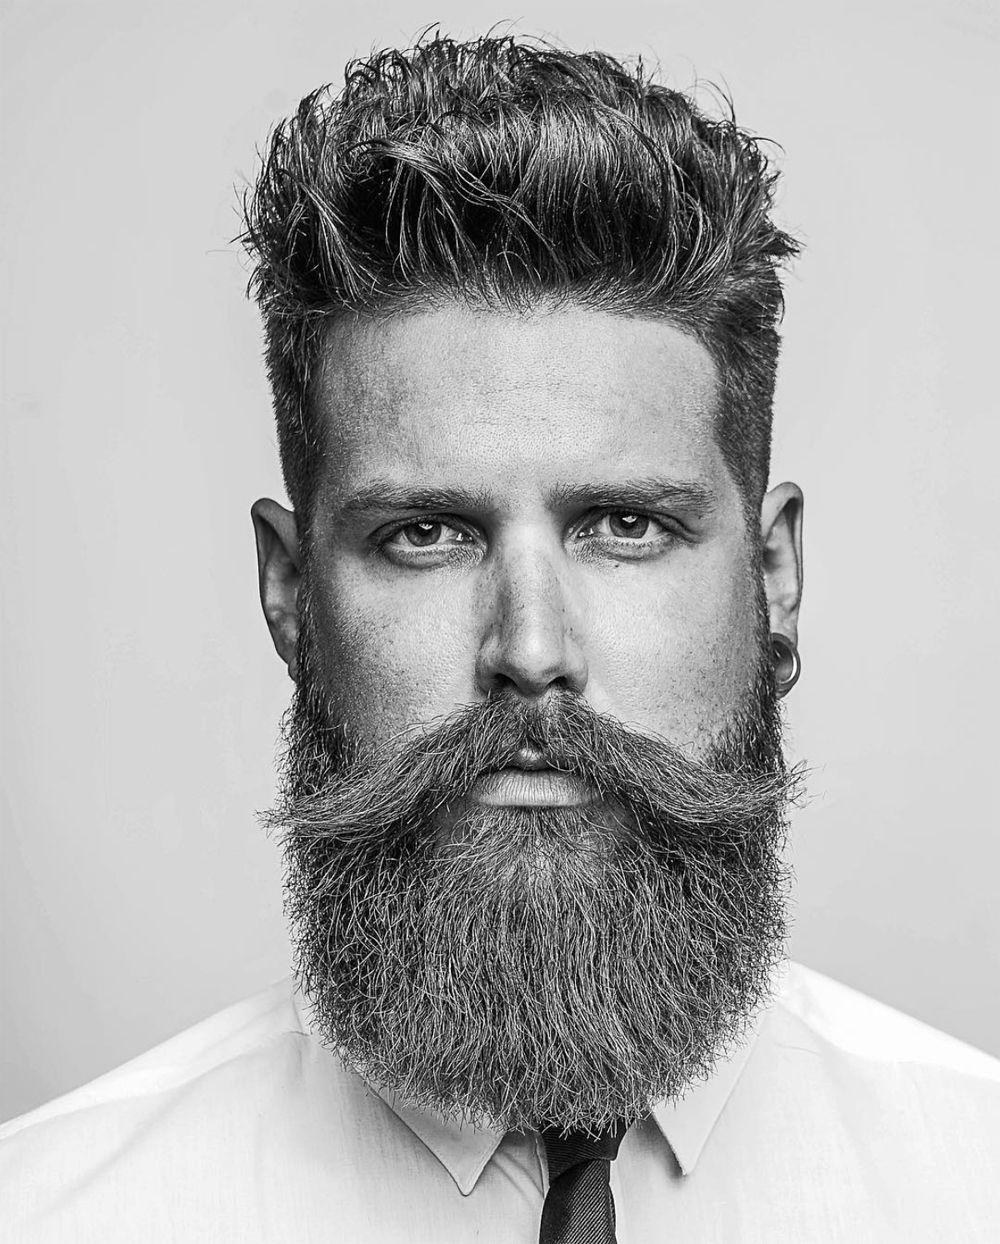 Square Beard Shape A Barba Quadrada Que Esta Em Alta Marco Da Moda Penteados Quiff Barba Moderna Estilos De Cabelo E Barba